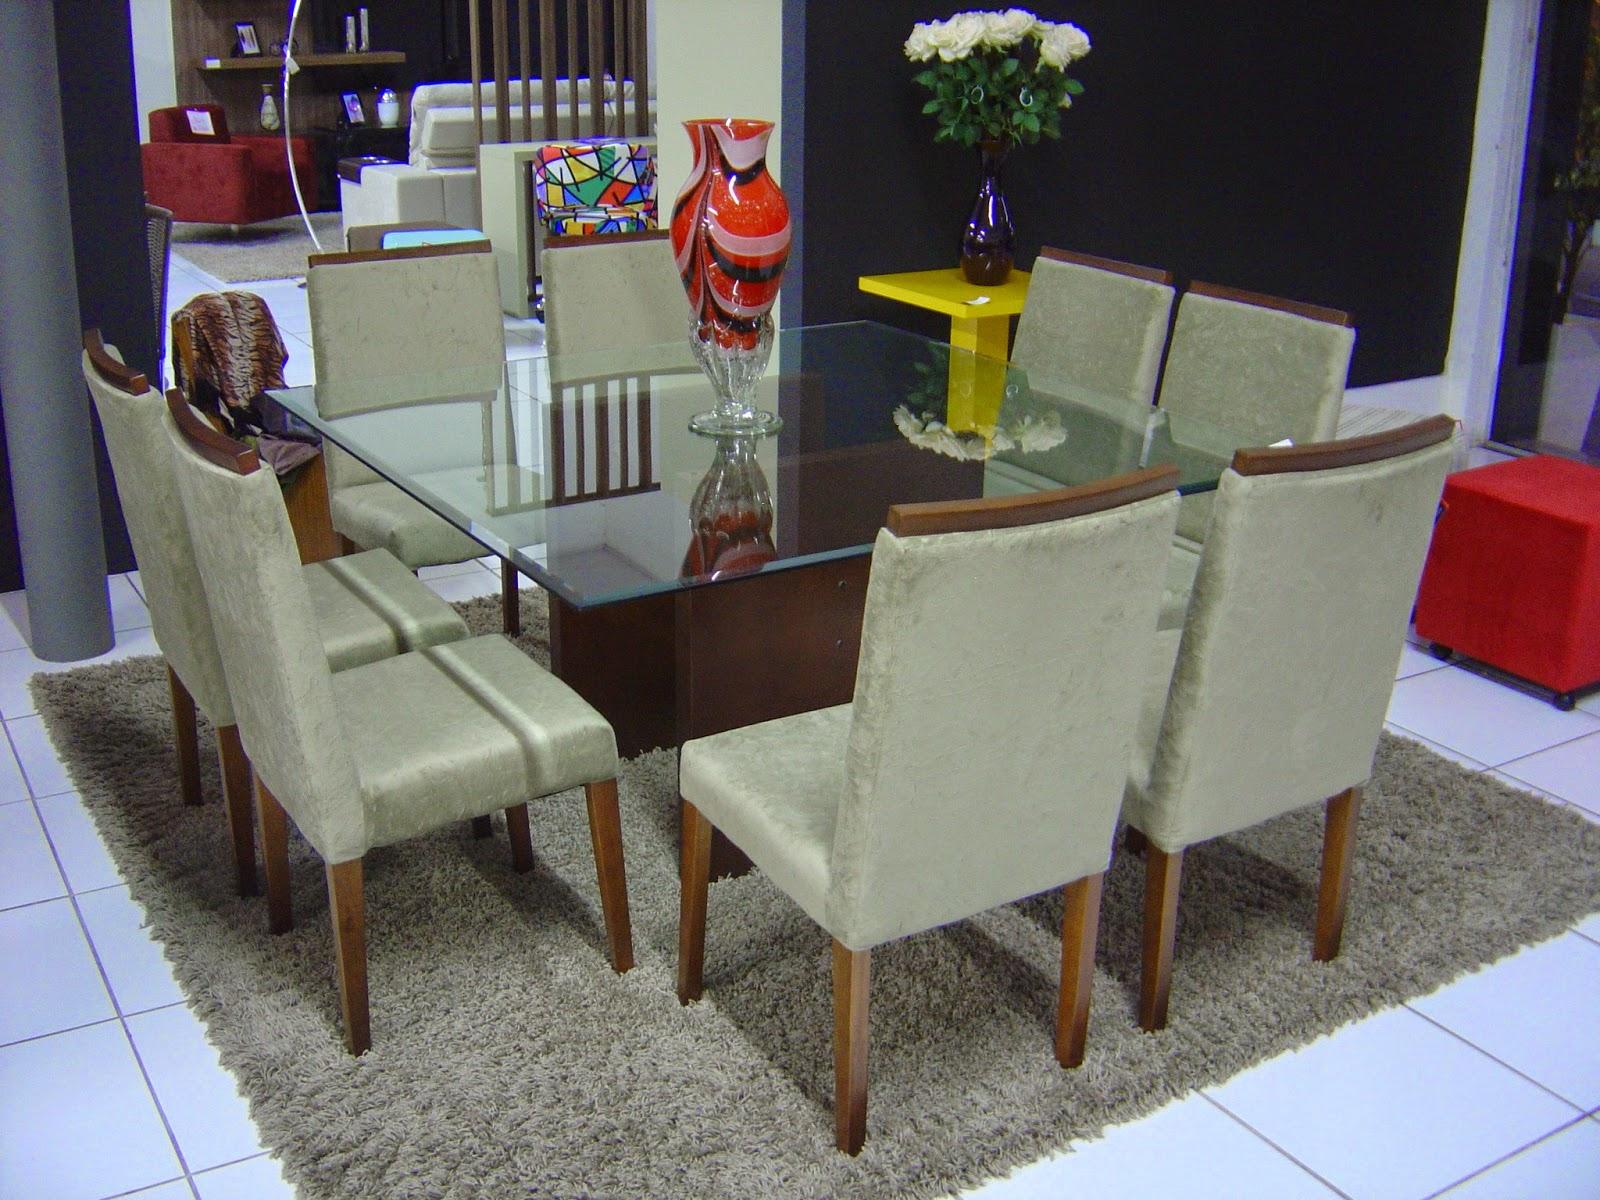 móveis decoração estofado poltrona sala mesa tapete